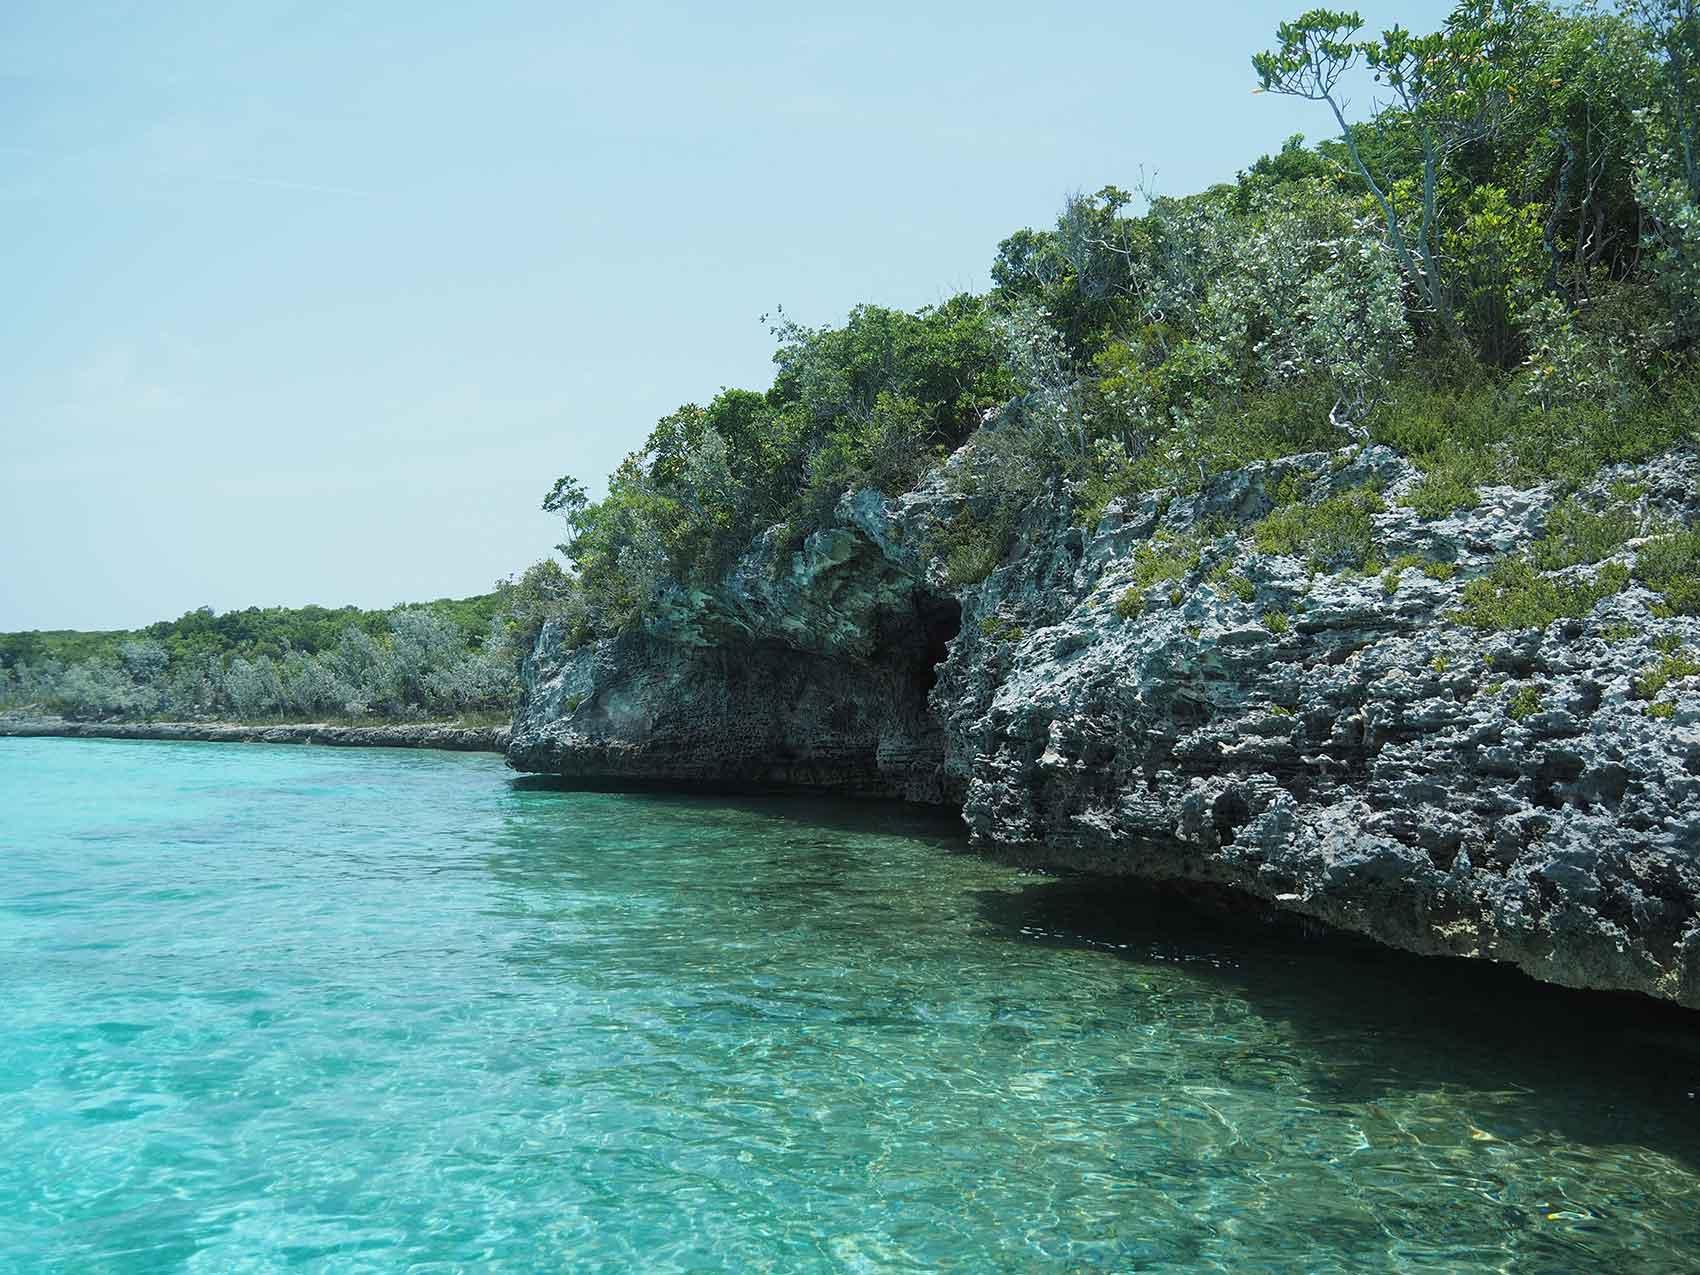 Rivage de l'île de Big Major's Spot aux Exumas, Bahamas.